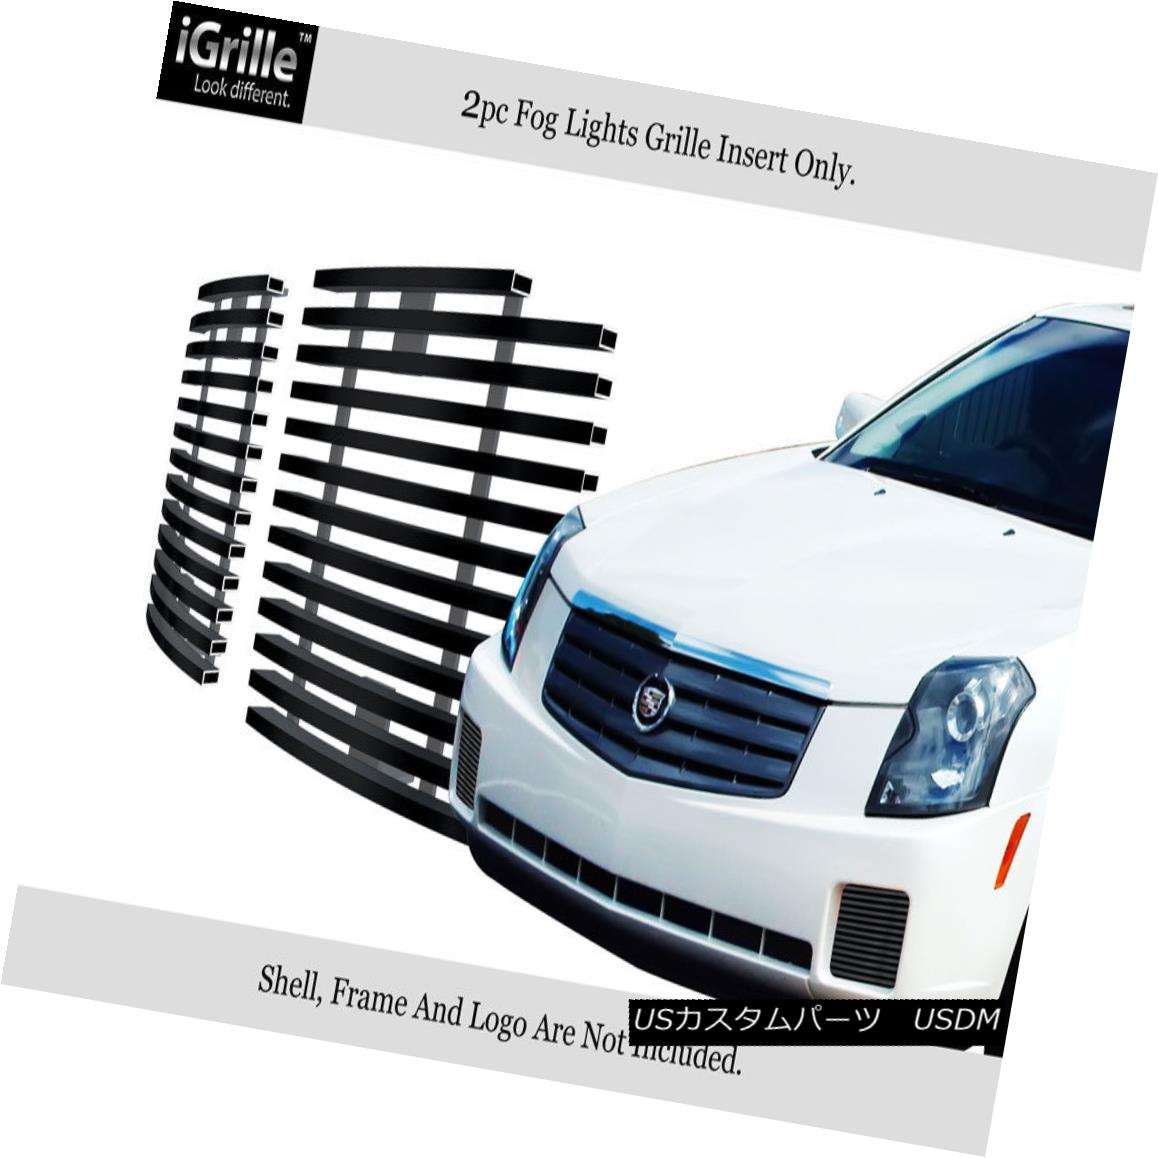 グリル Fits 2003-2007 Cadillac CTS Fog Light Cover Stainless Black Billet Grille Insert フィット2003-2007キャデラックCTSフォグライトカバーステンレスブラックビレットグリルインサート